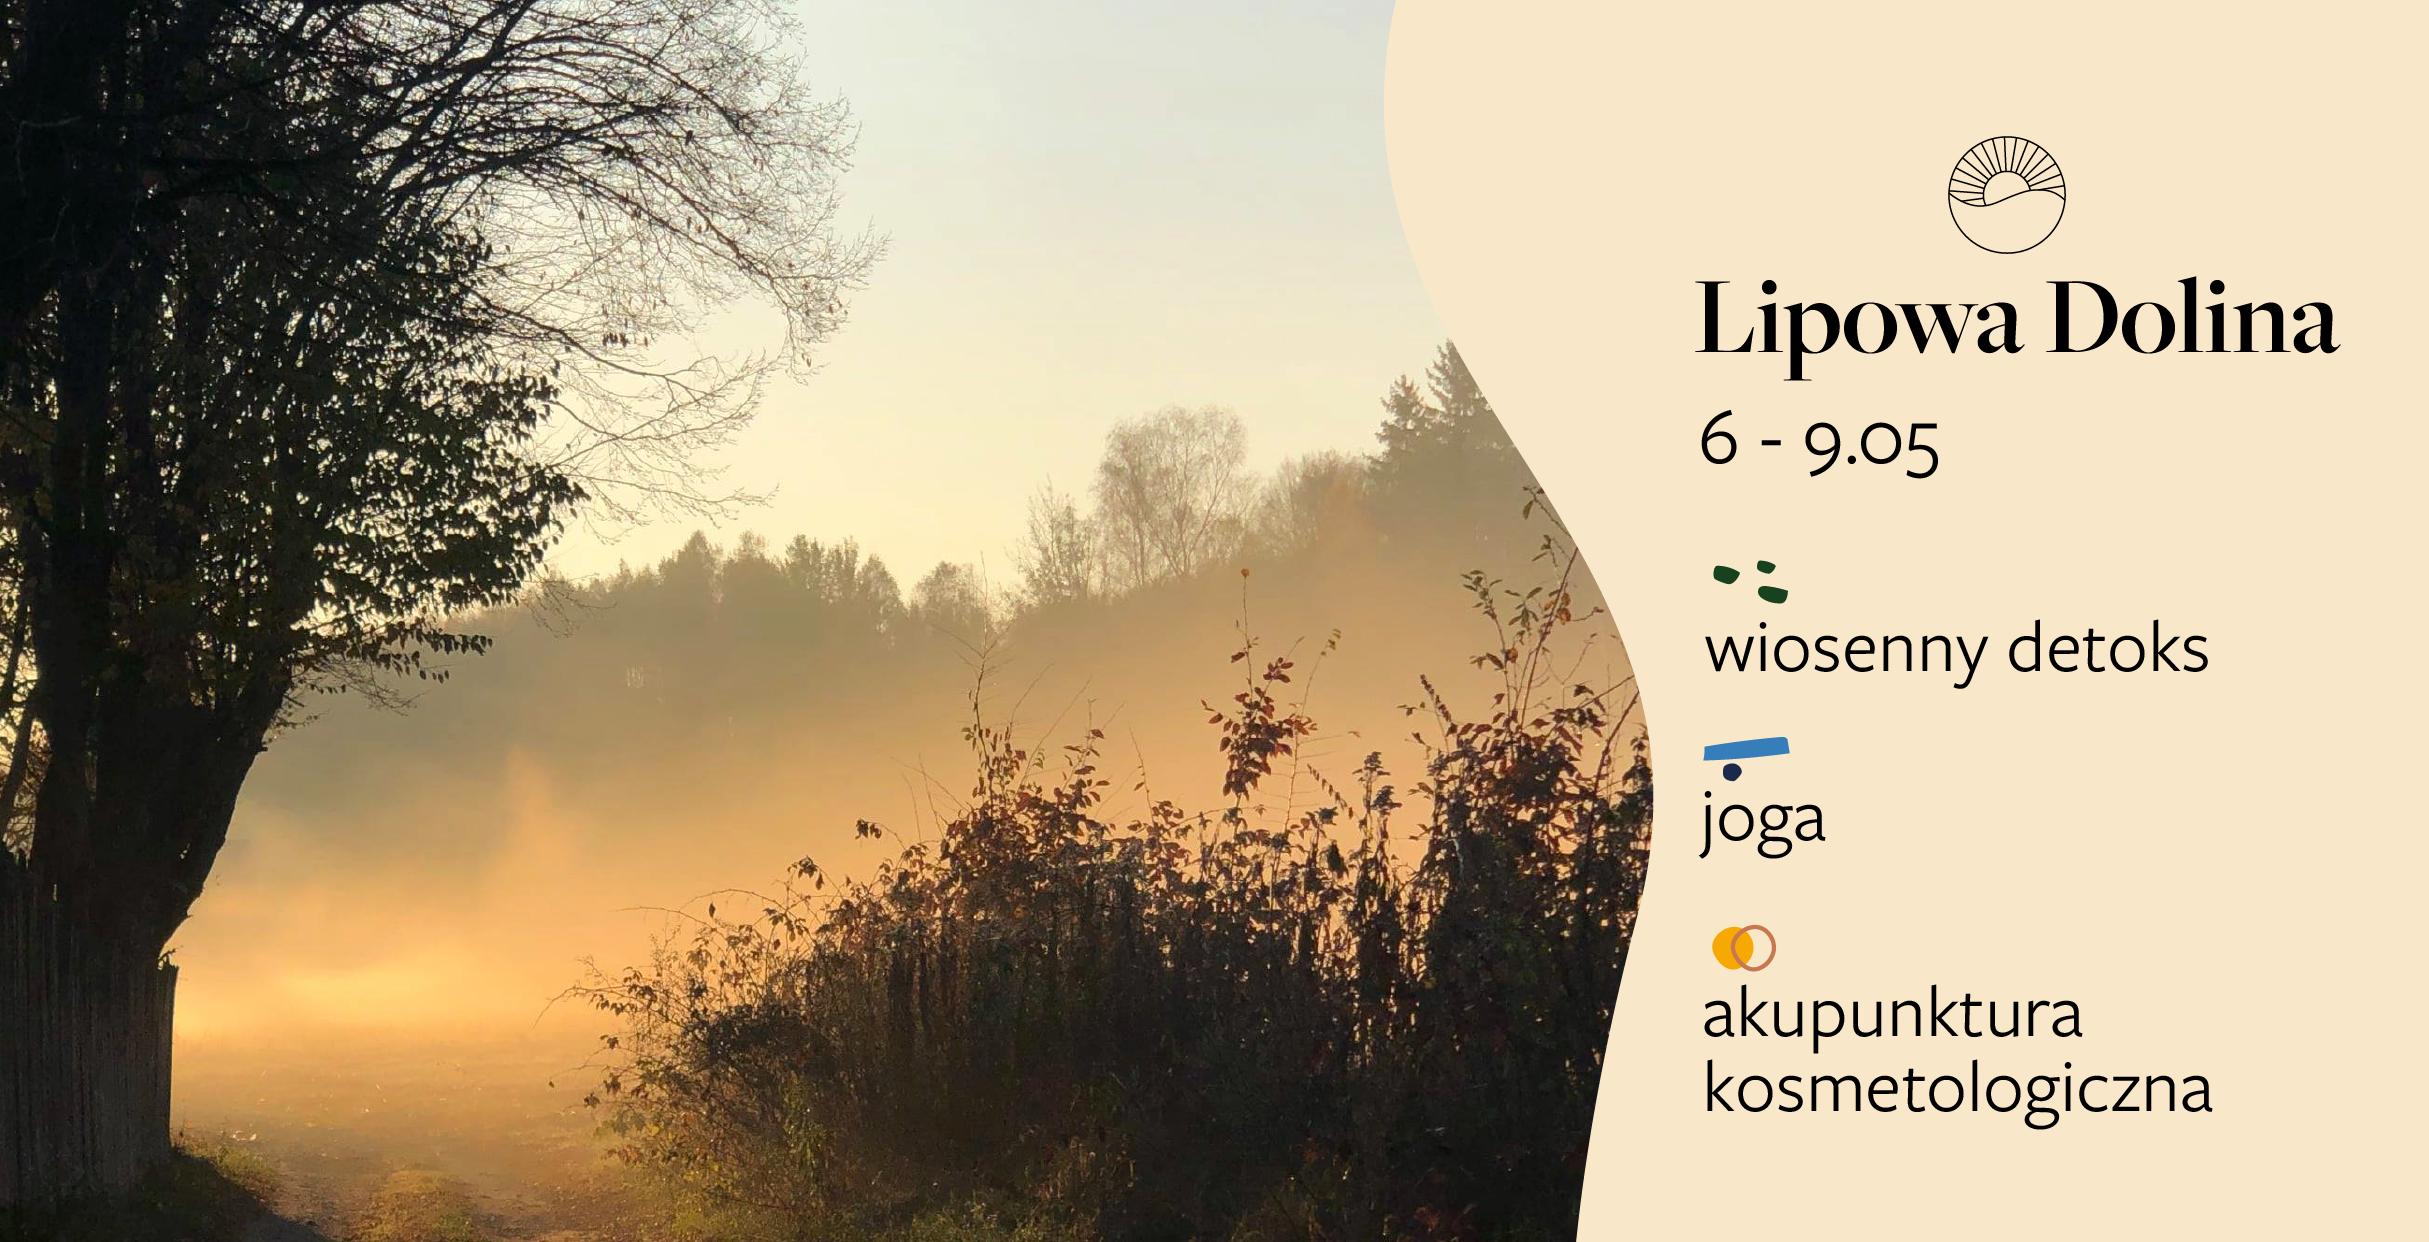 Slow weekend & wiosenny detoks & joga & akupunktura kosmetologiczna